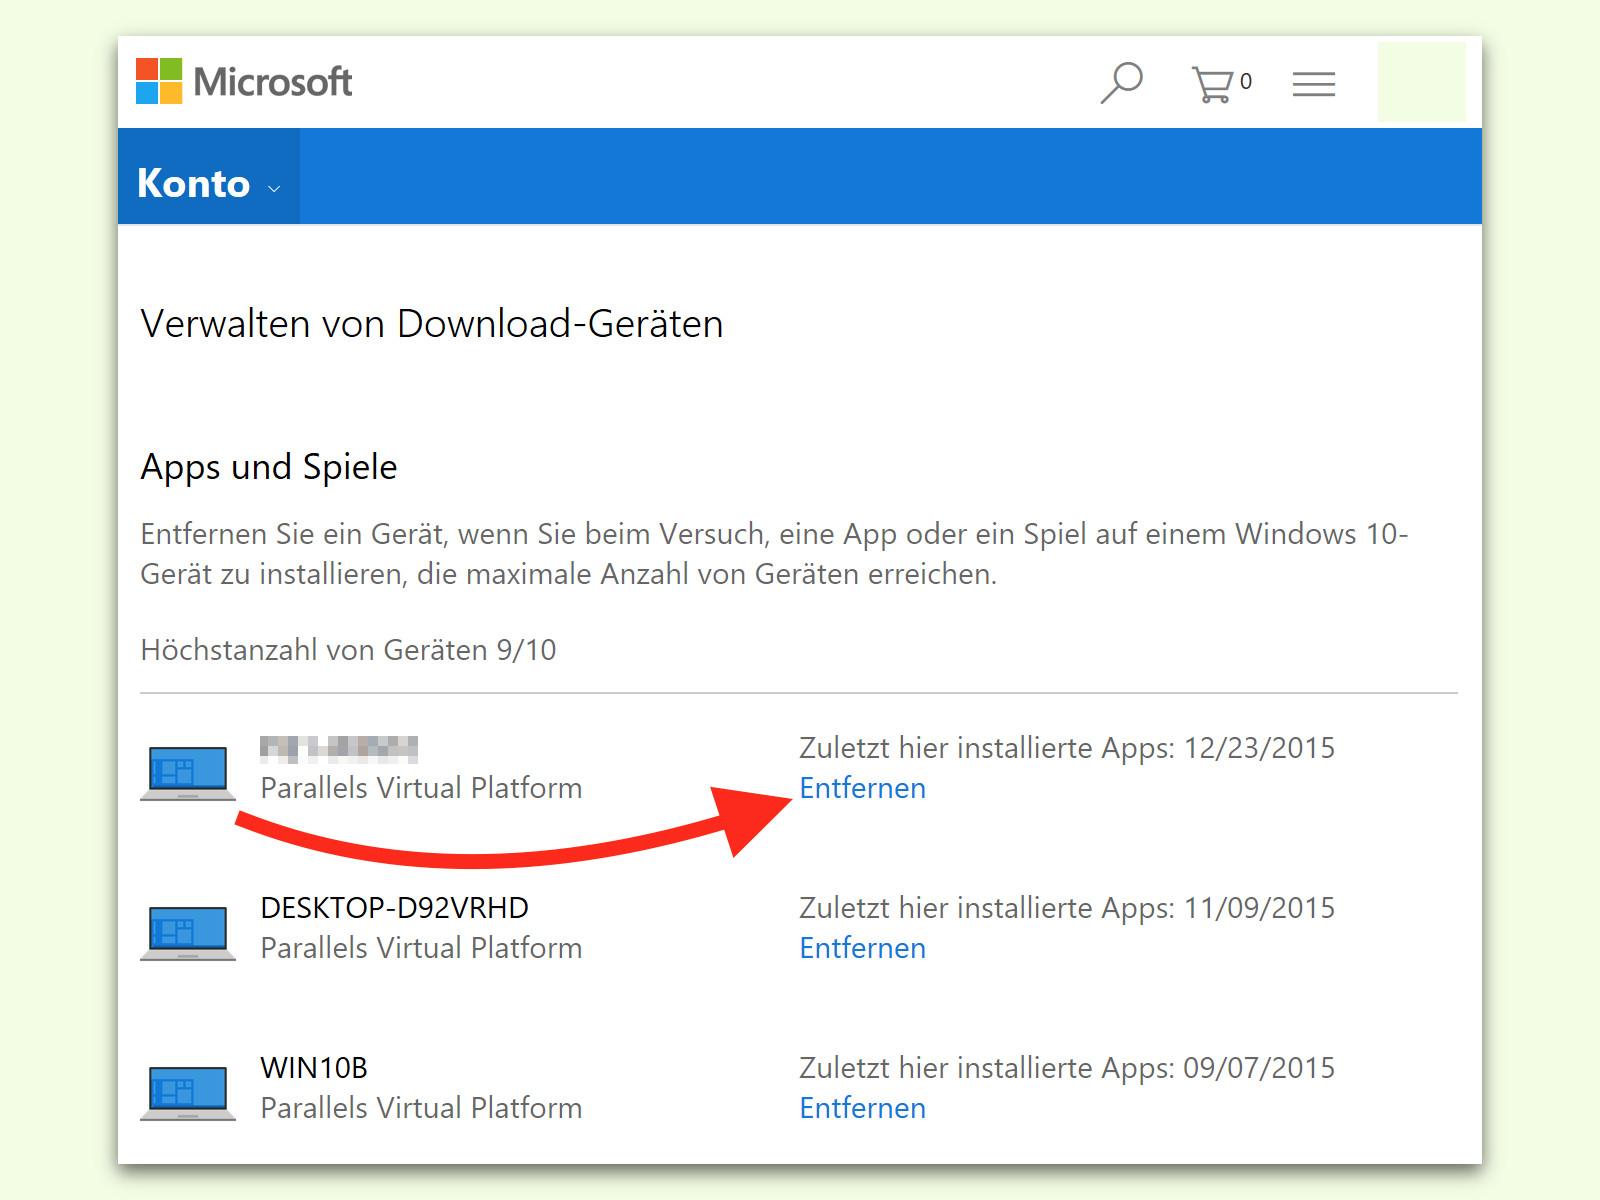 Microsoft Konto Entfernen